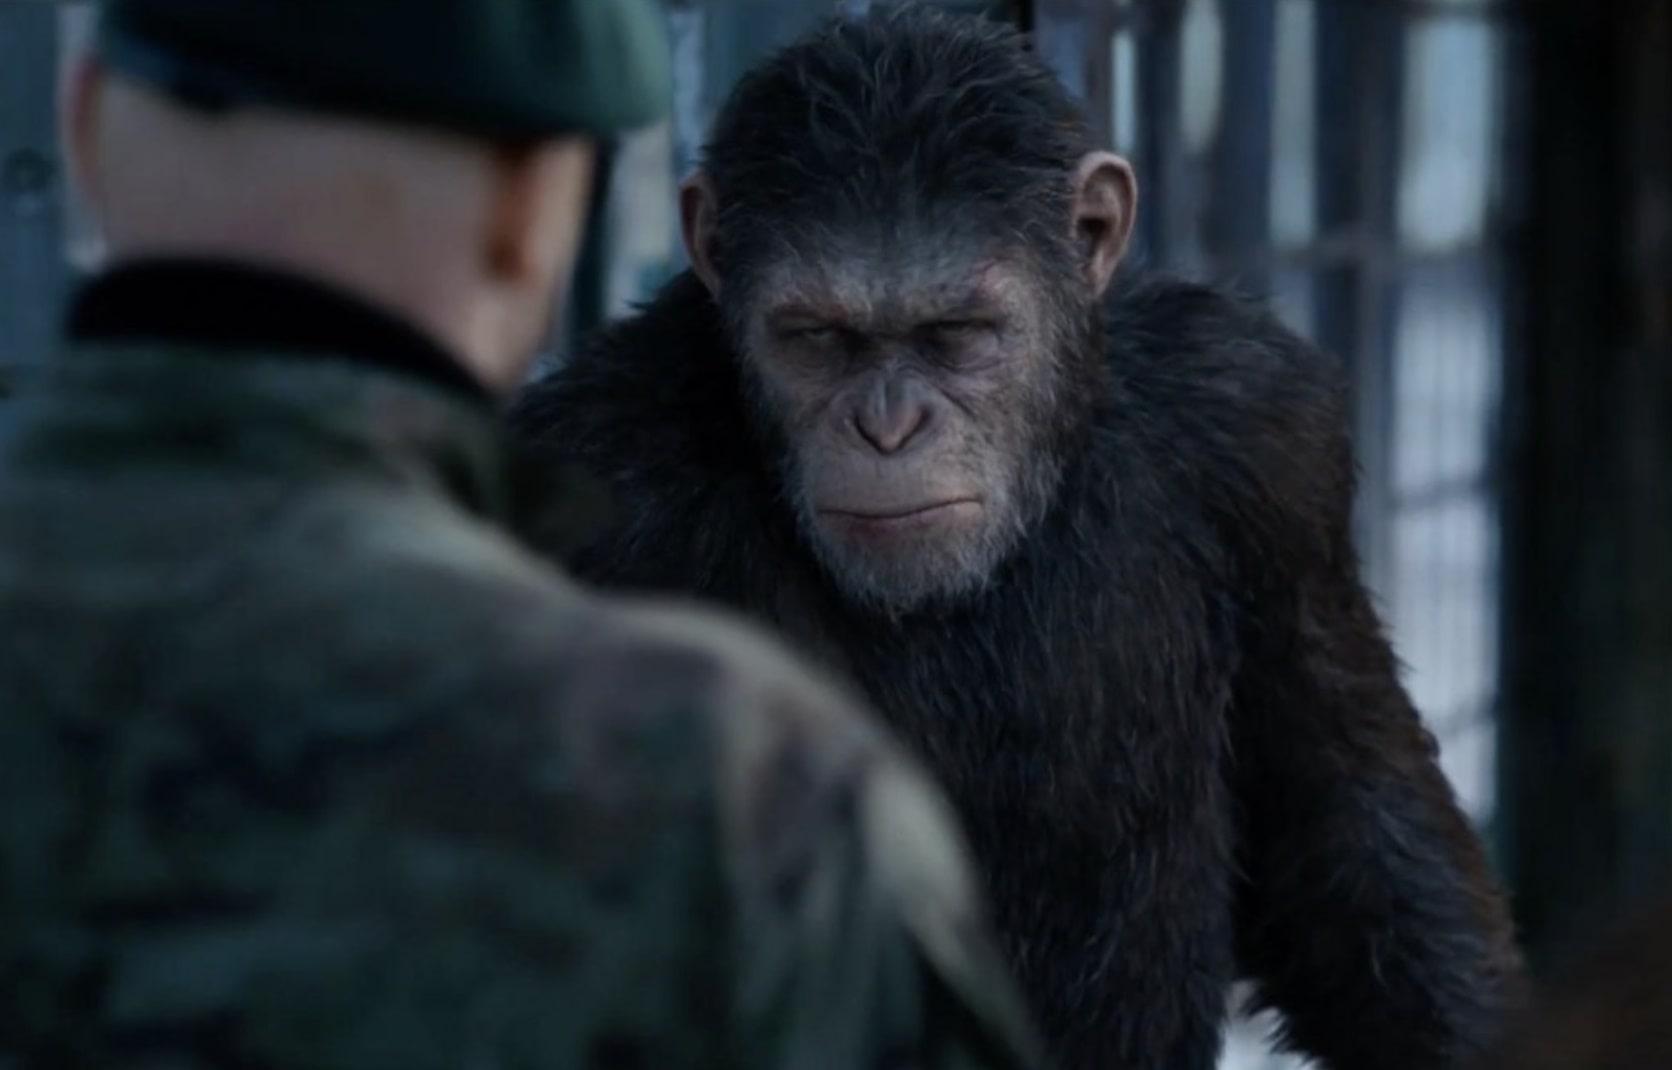 Планета обезьян: Война / War for the Planet of the Apes / La guerre de la planète des singes (2017): кадр из фильма